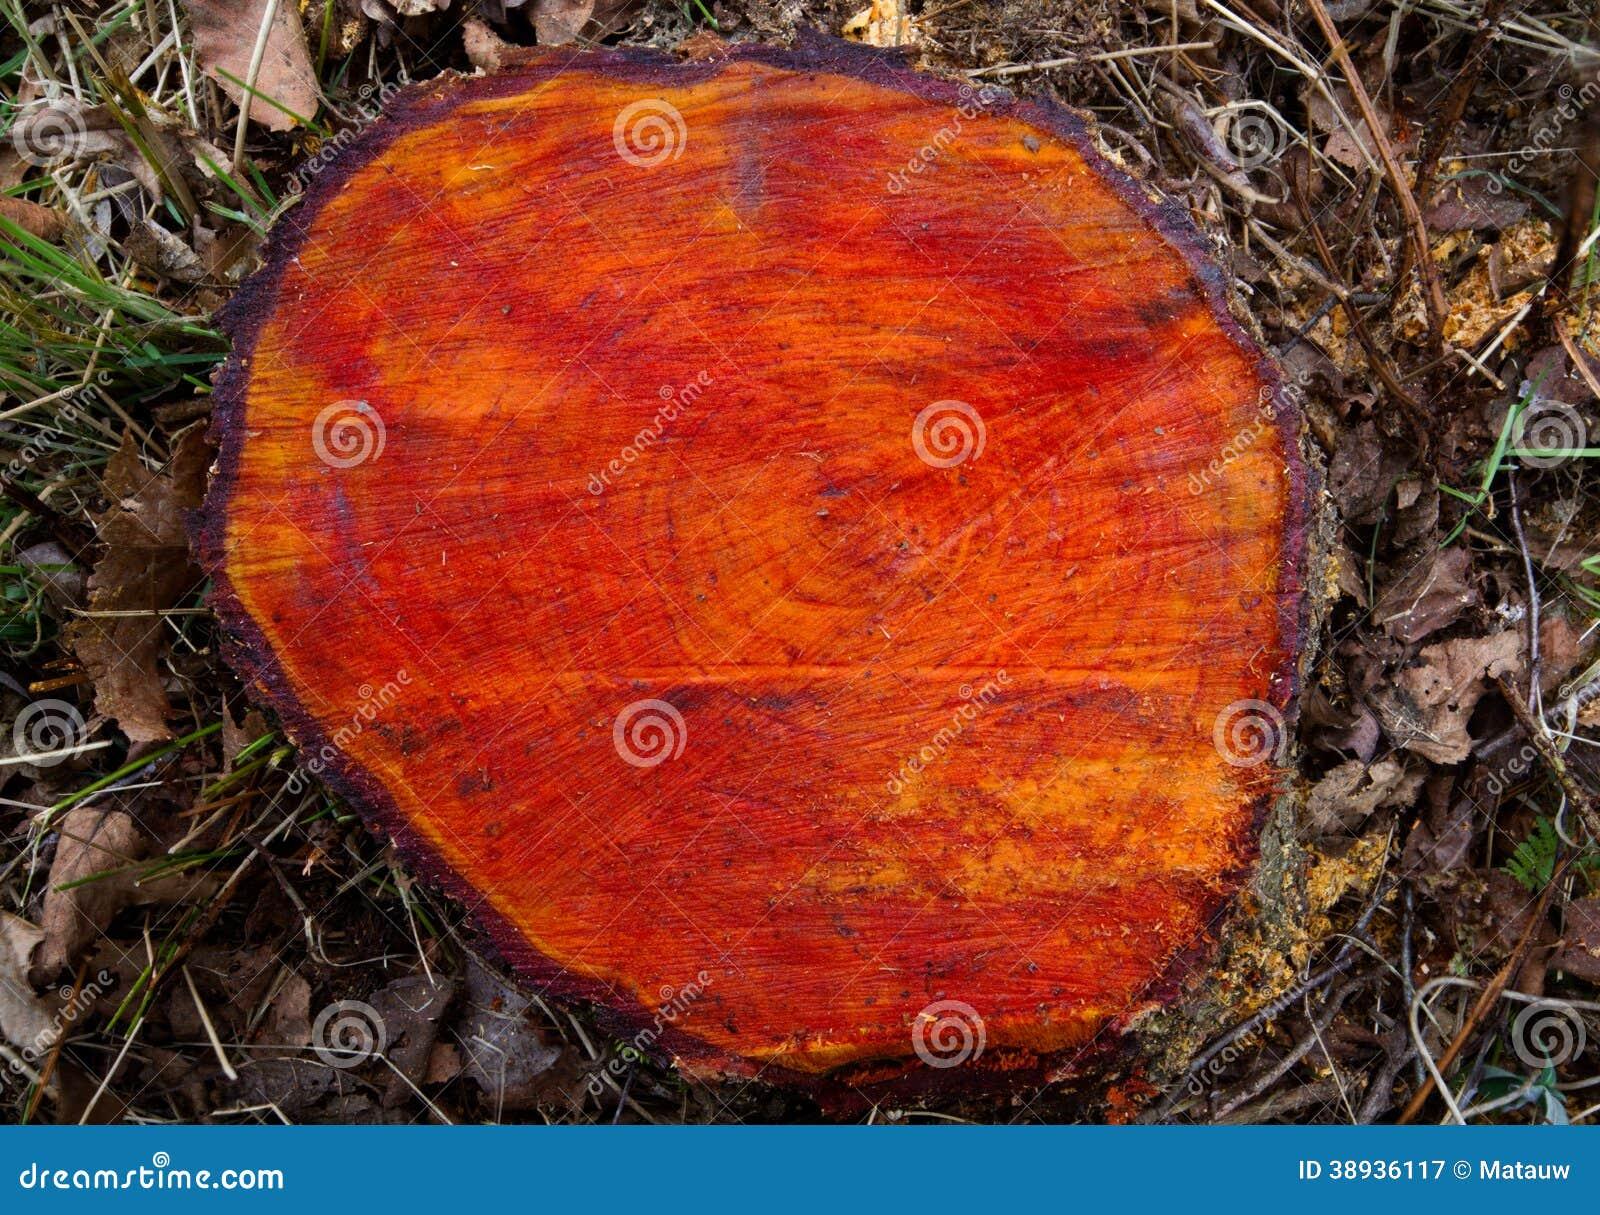 Tronc d 39 arbre d 39 aulne noir photo stock image 38936117 - Aulne bois de chauffage ...